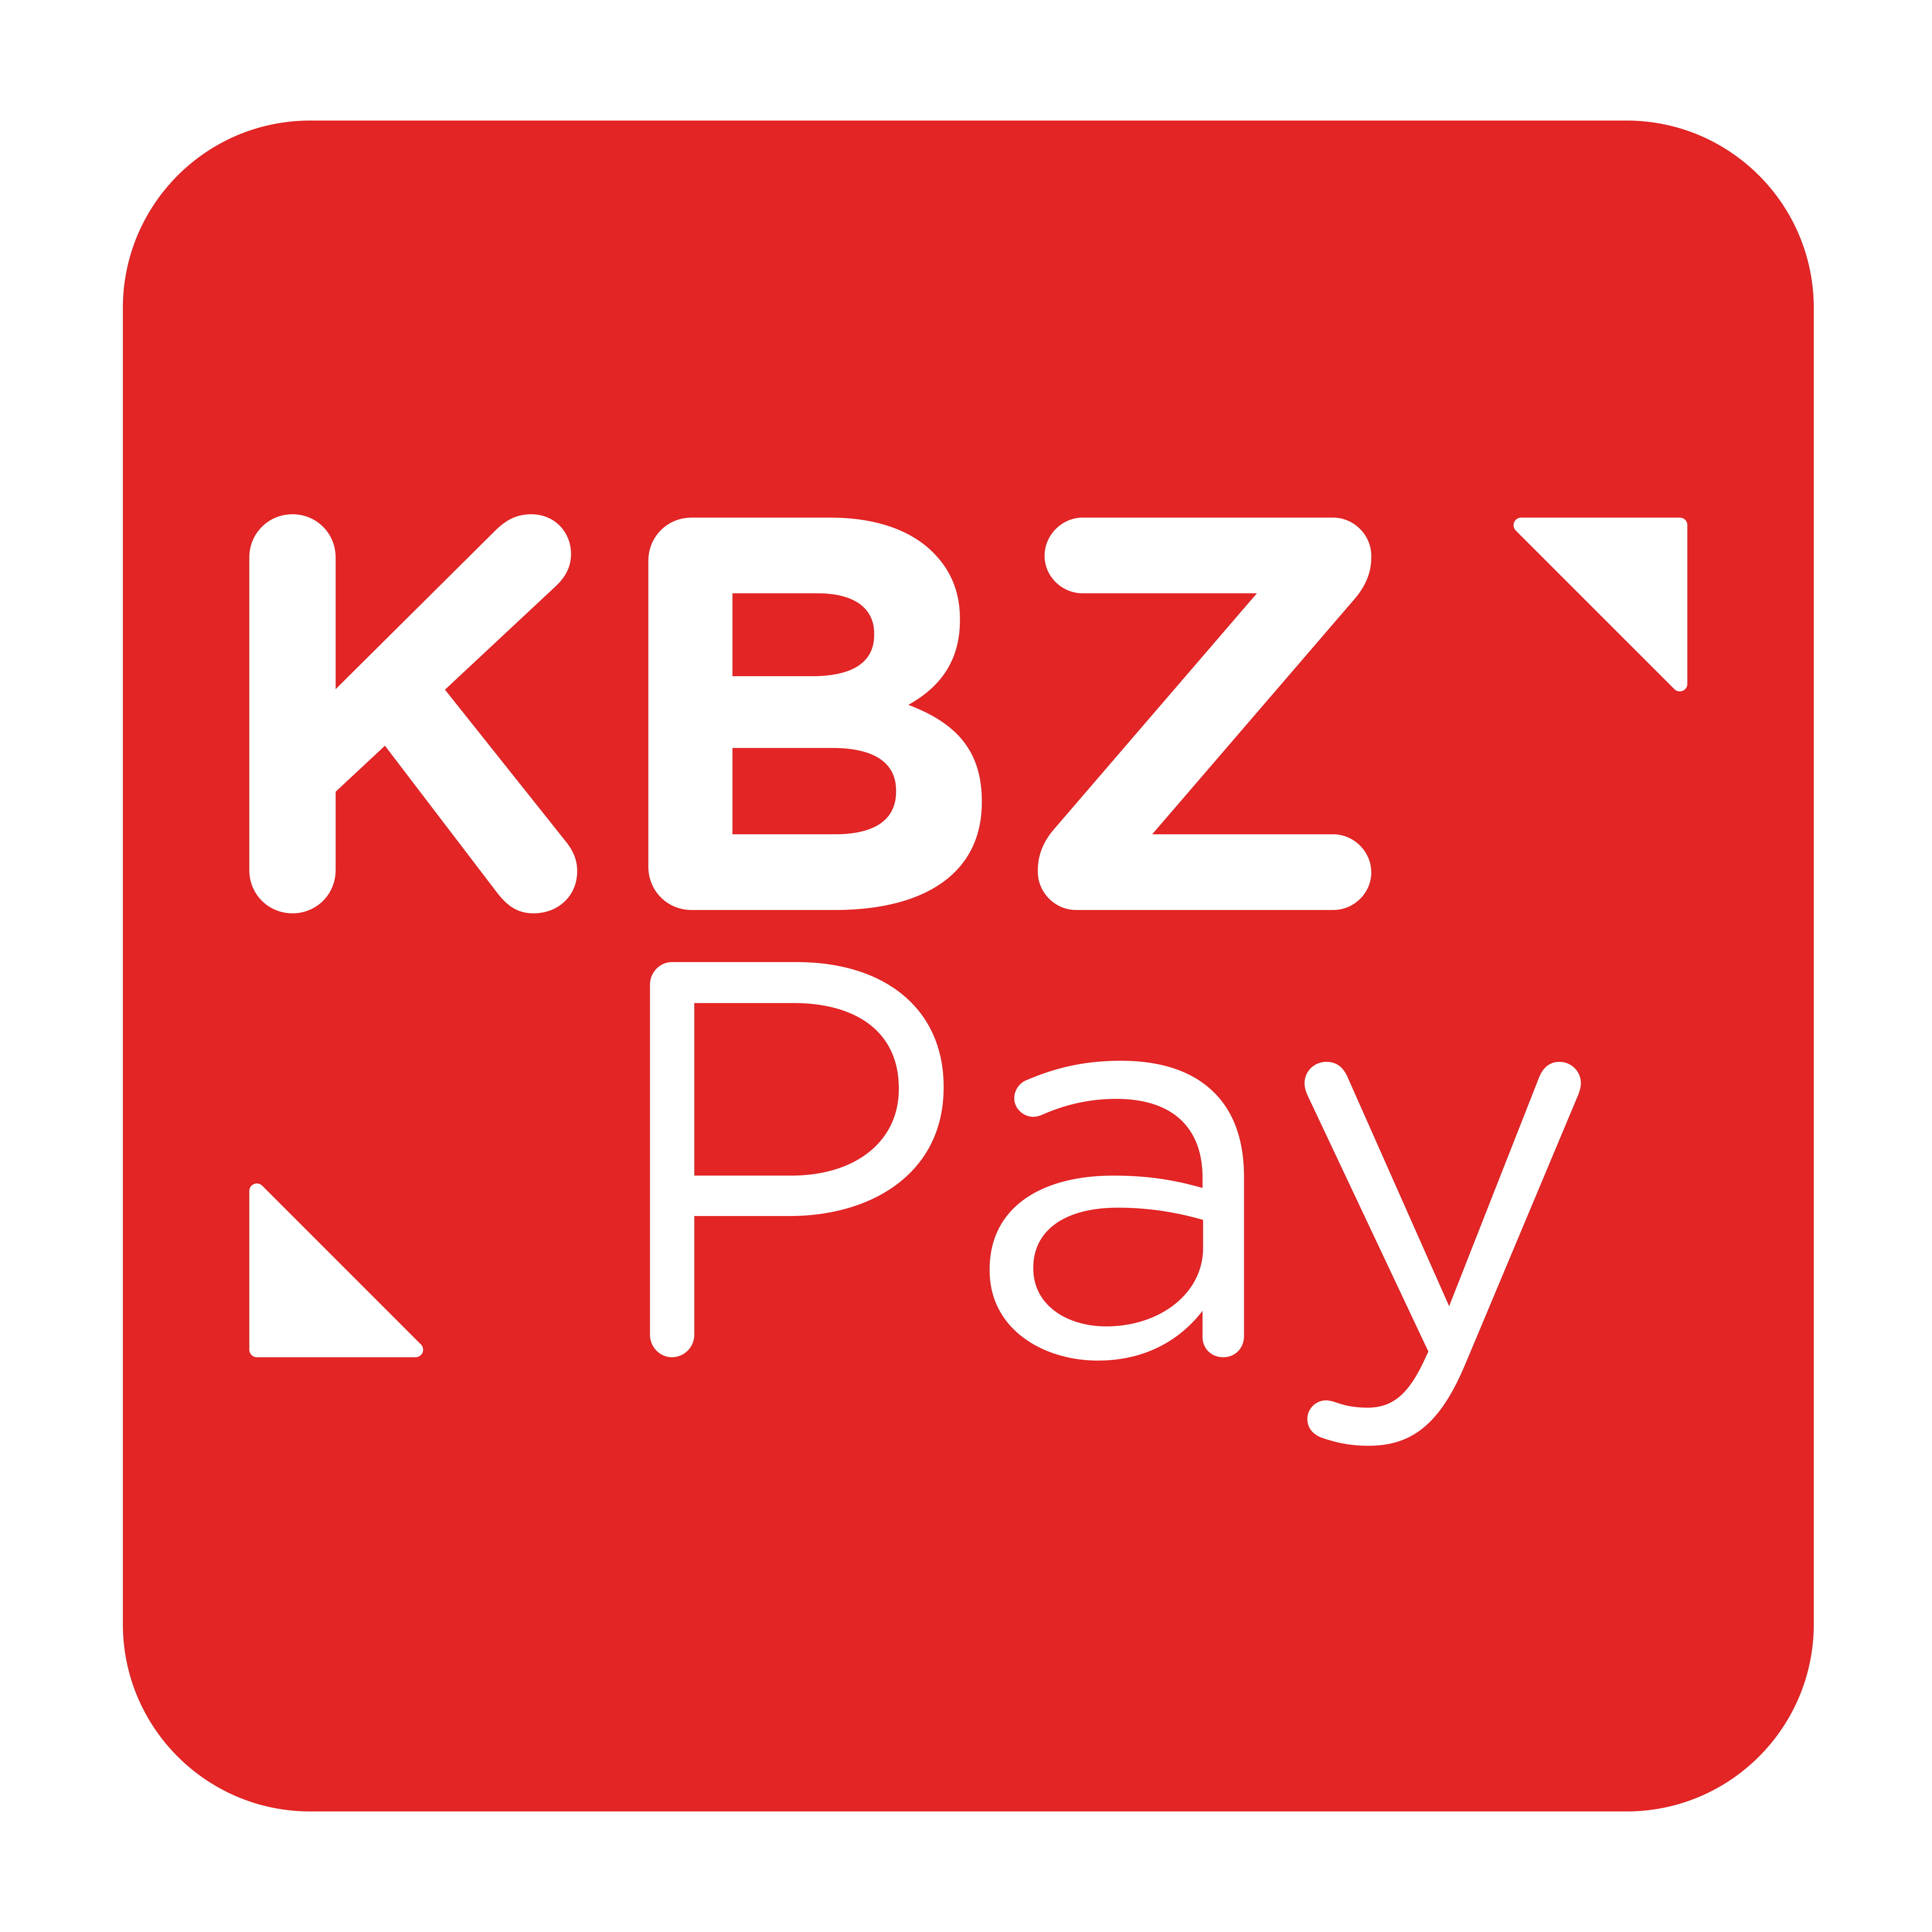 KBZPay